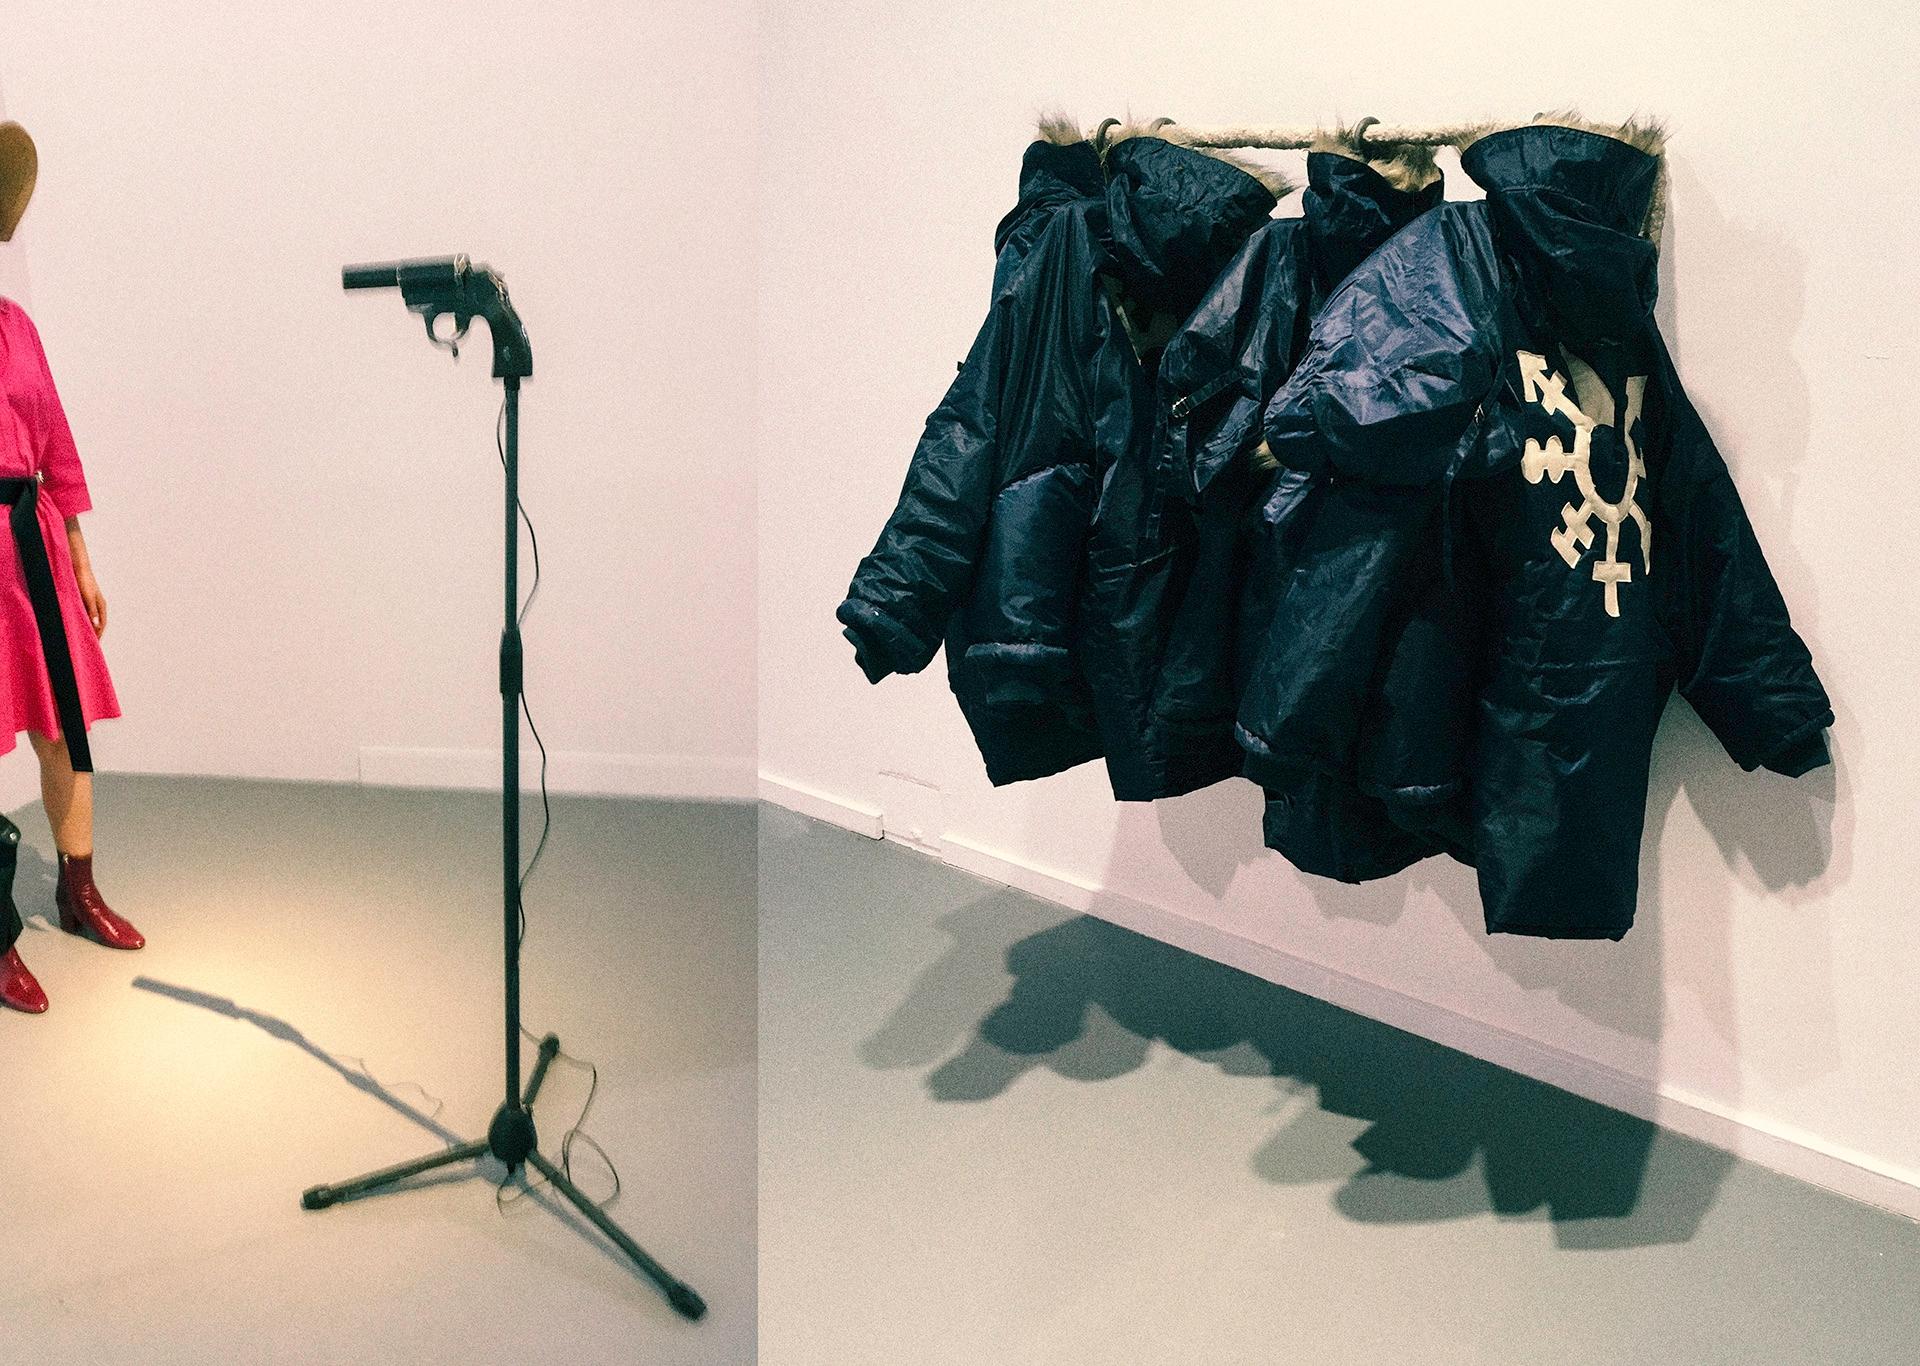 Zdjęcie podzielone jest na dwie części. Widzimy ciemne kurtki zawieszone na wieszaku i fragment postaci ubranej na różowo.